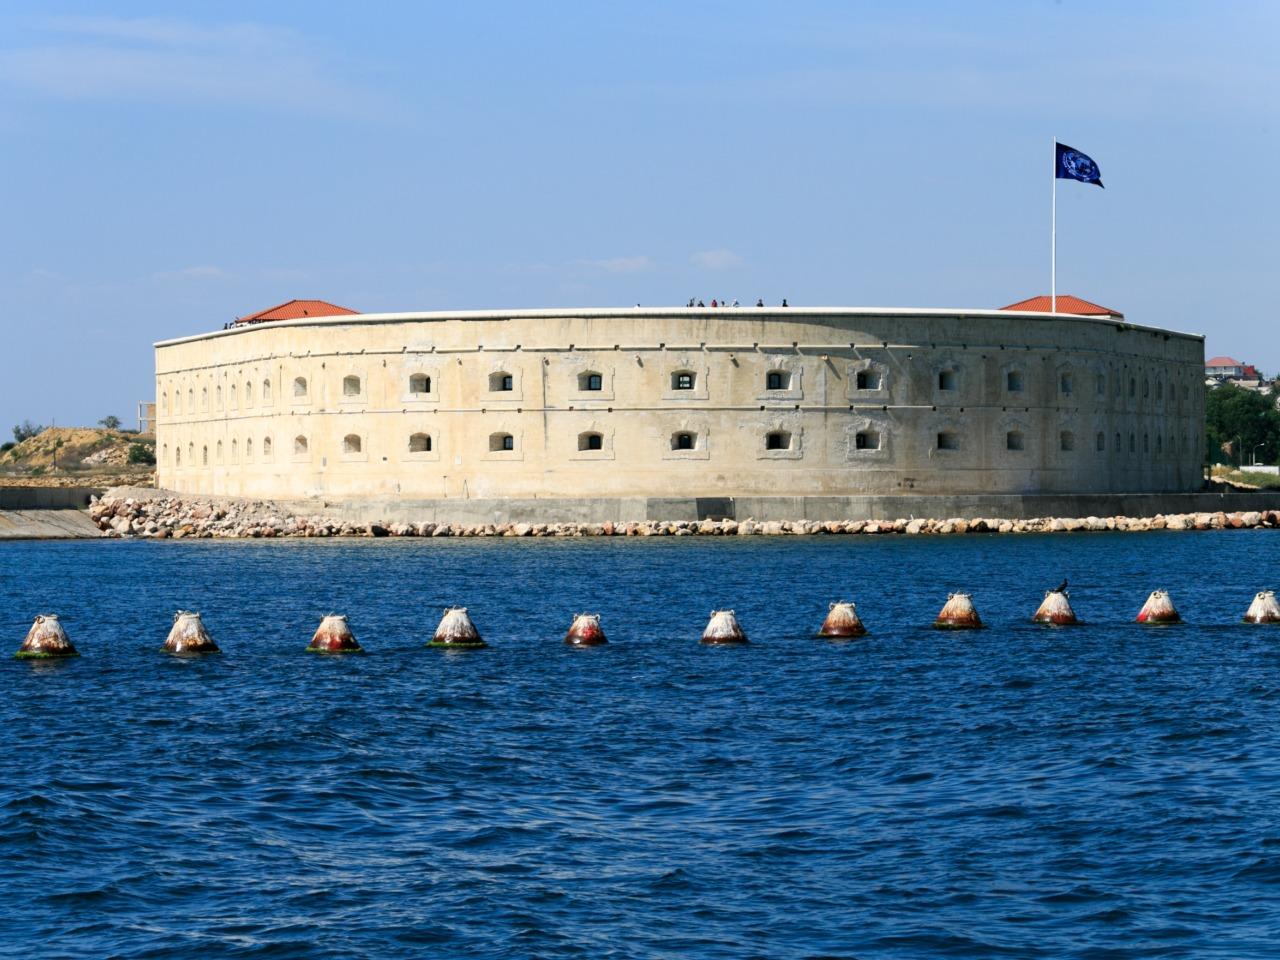 Севастополь - гордость русских моряков! - индивидуальная экскурсия в Севастополе от опытного гида